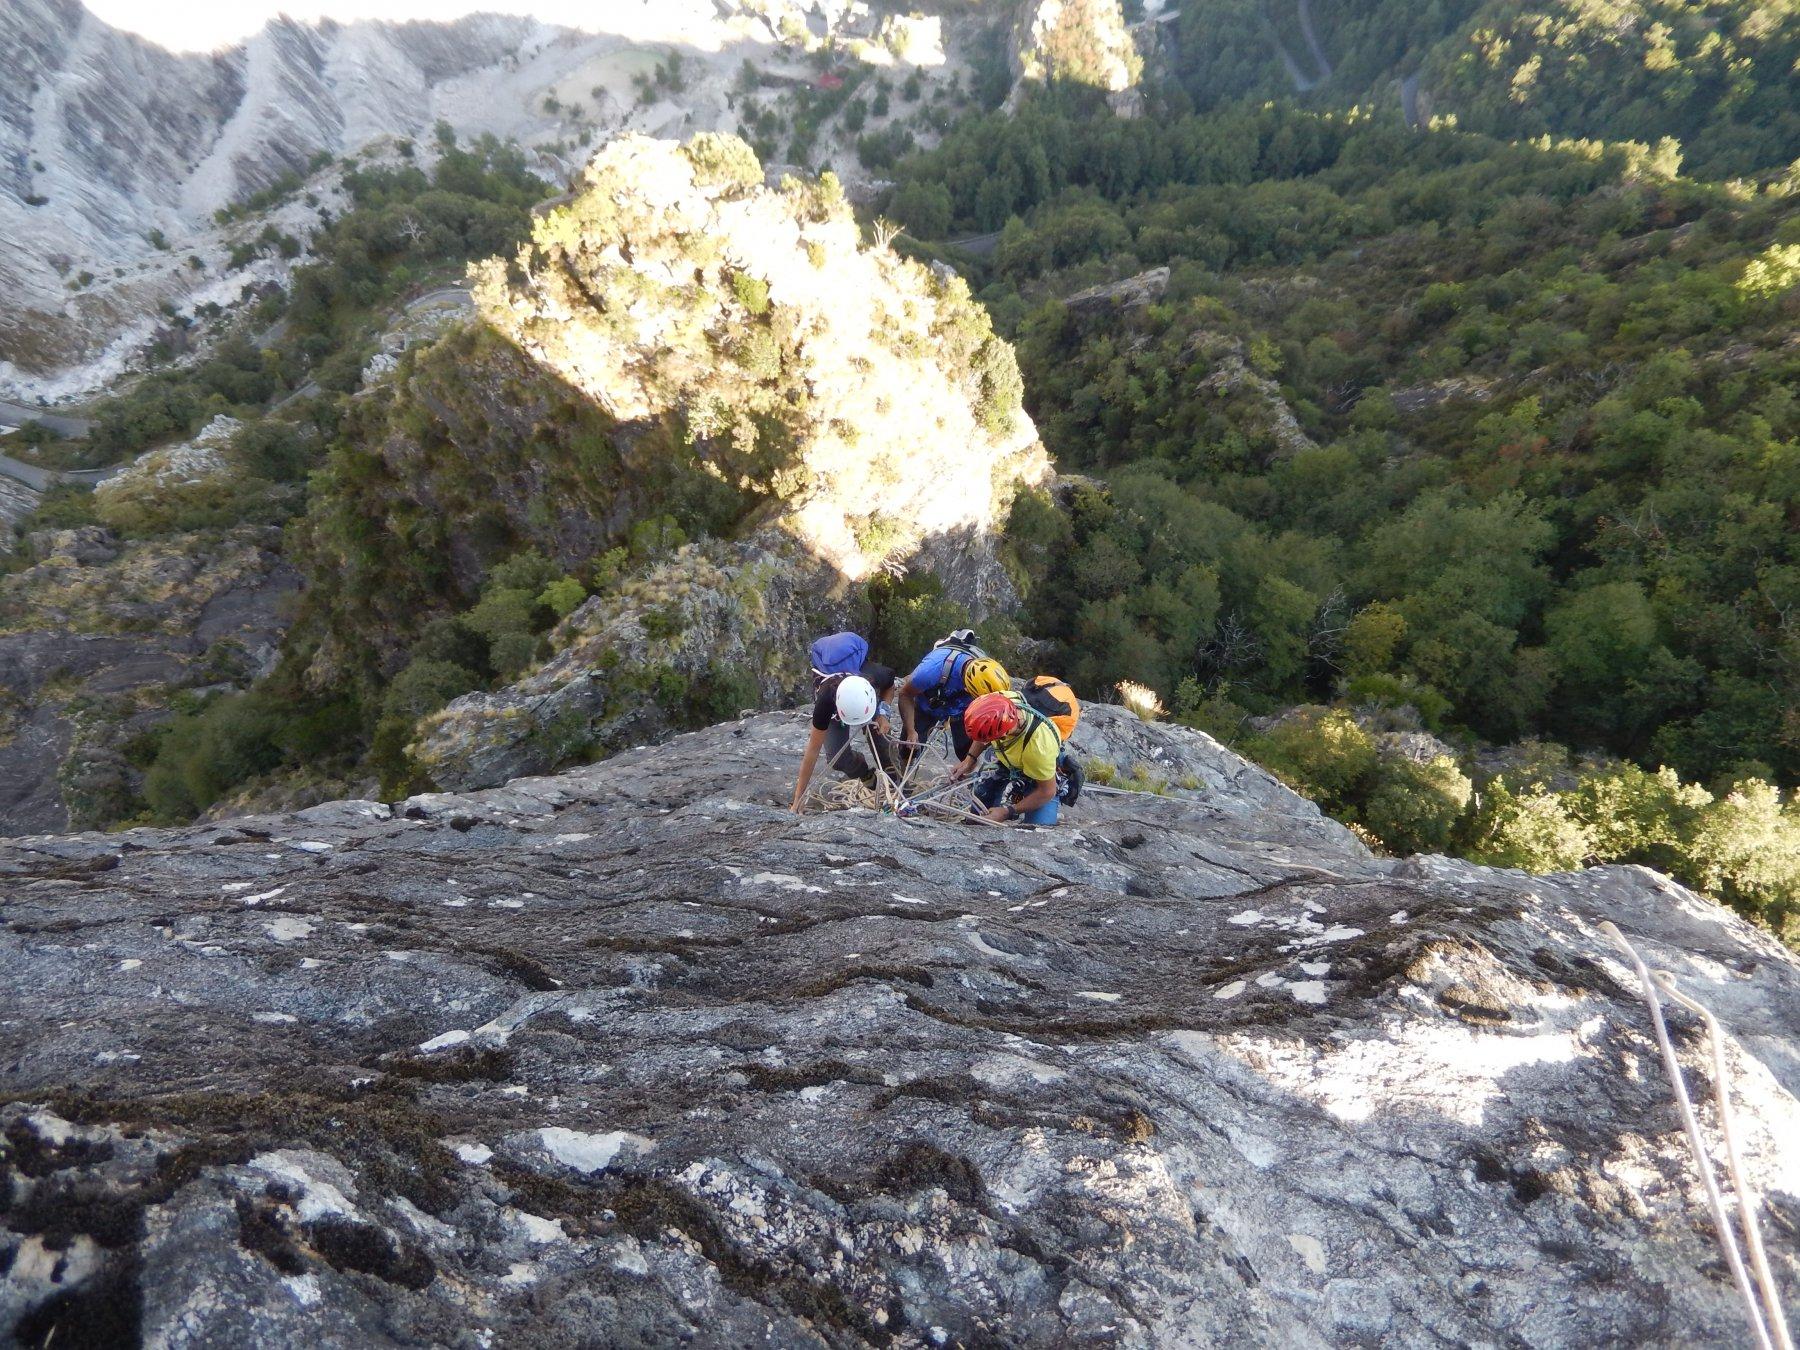 La seconda parte della via su roccia fantastica...